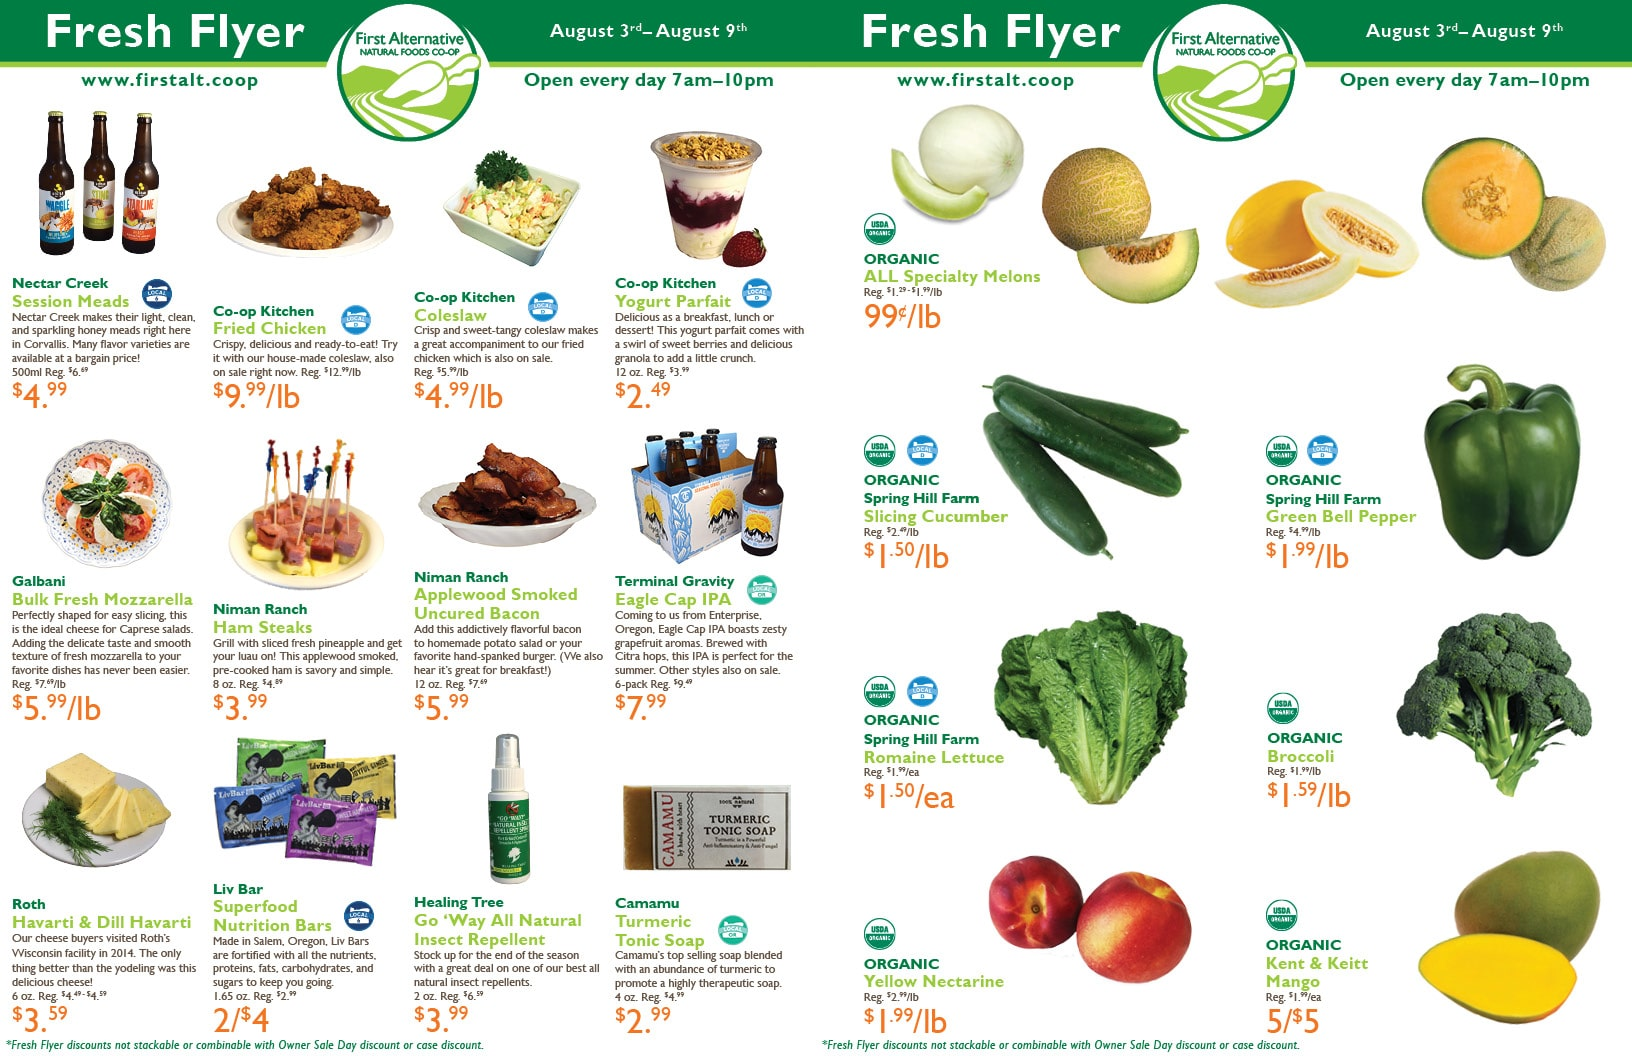 First Alternative Co-op Fresh Flyer August 3-9